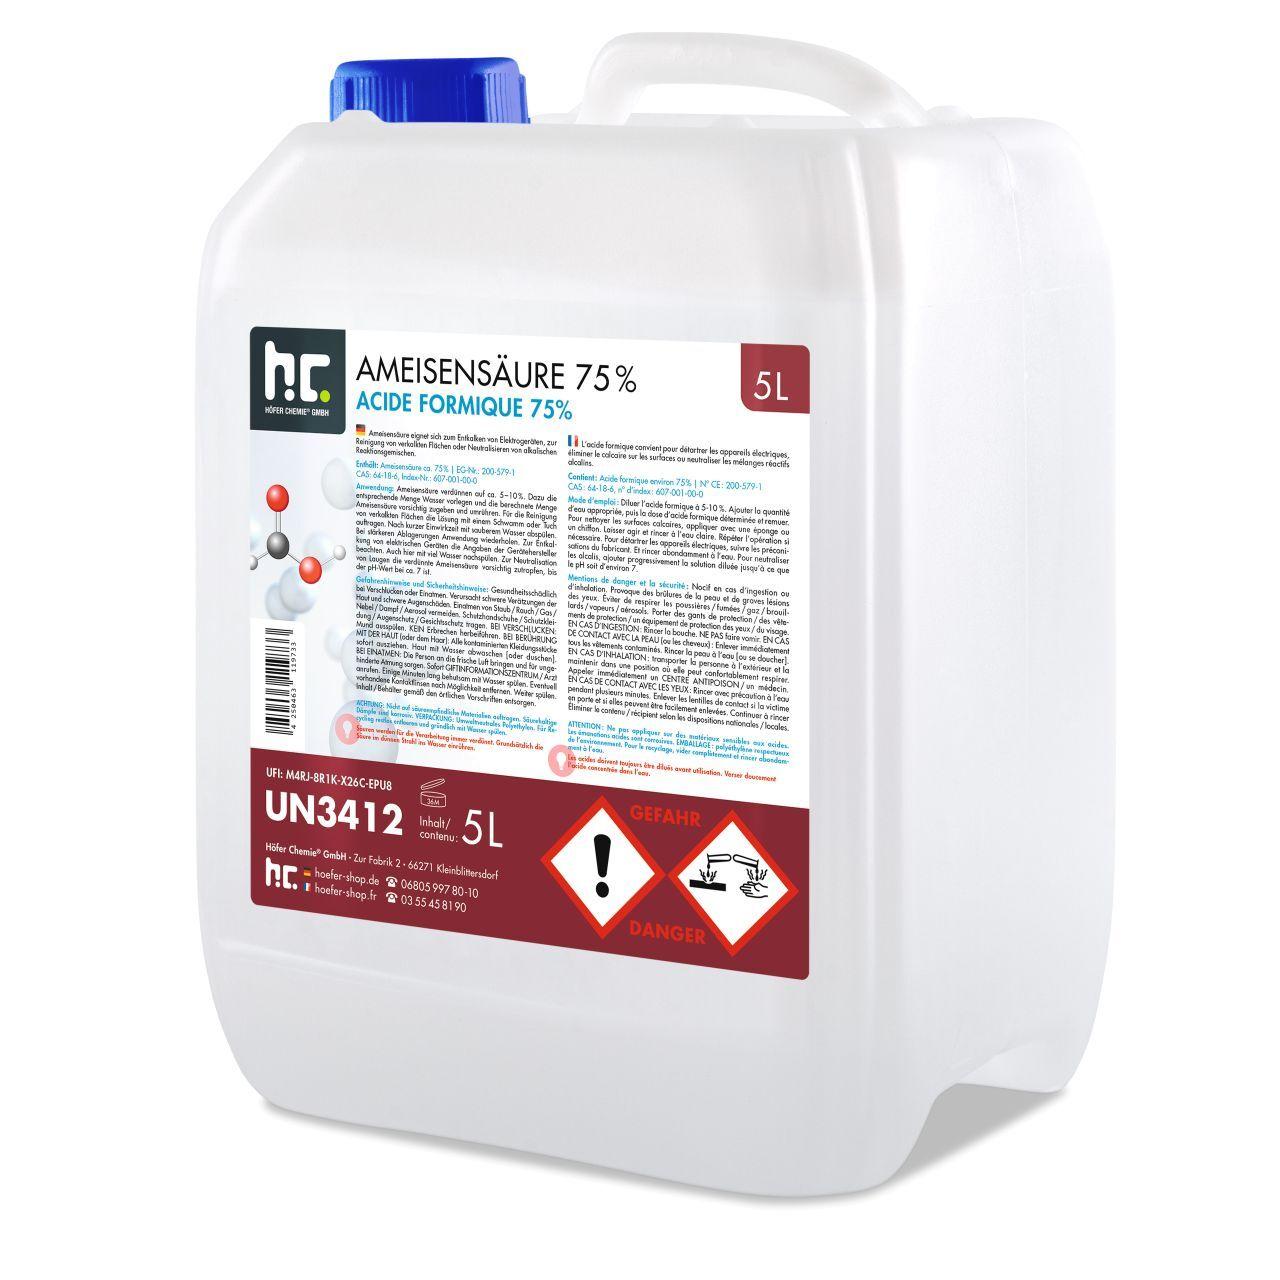 Höfer Chemie 20 l Acide formique 75% qualite technique (4 x 5 l)